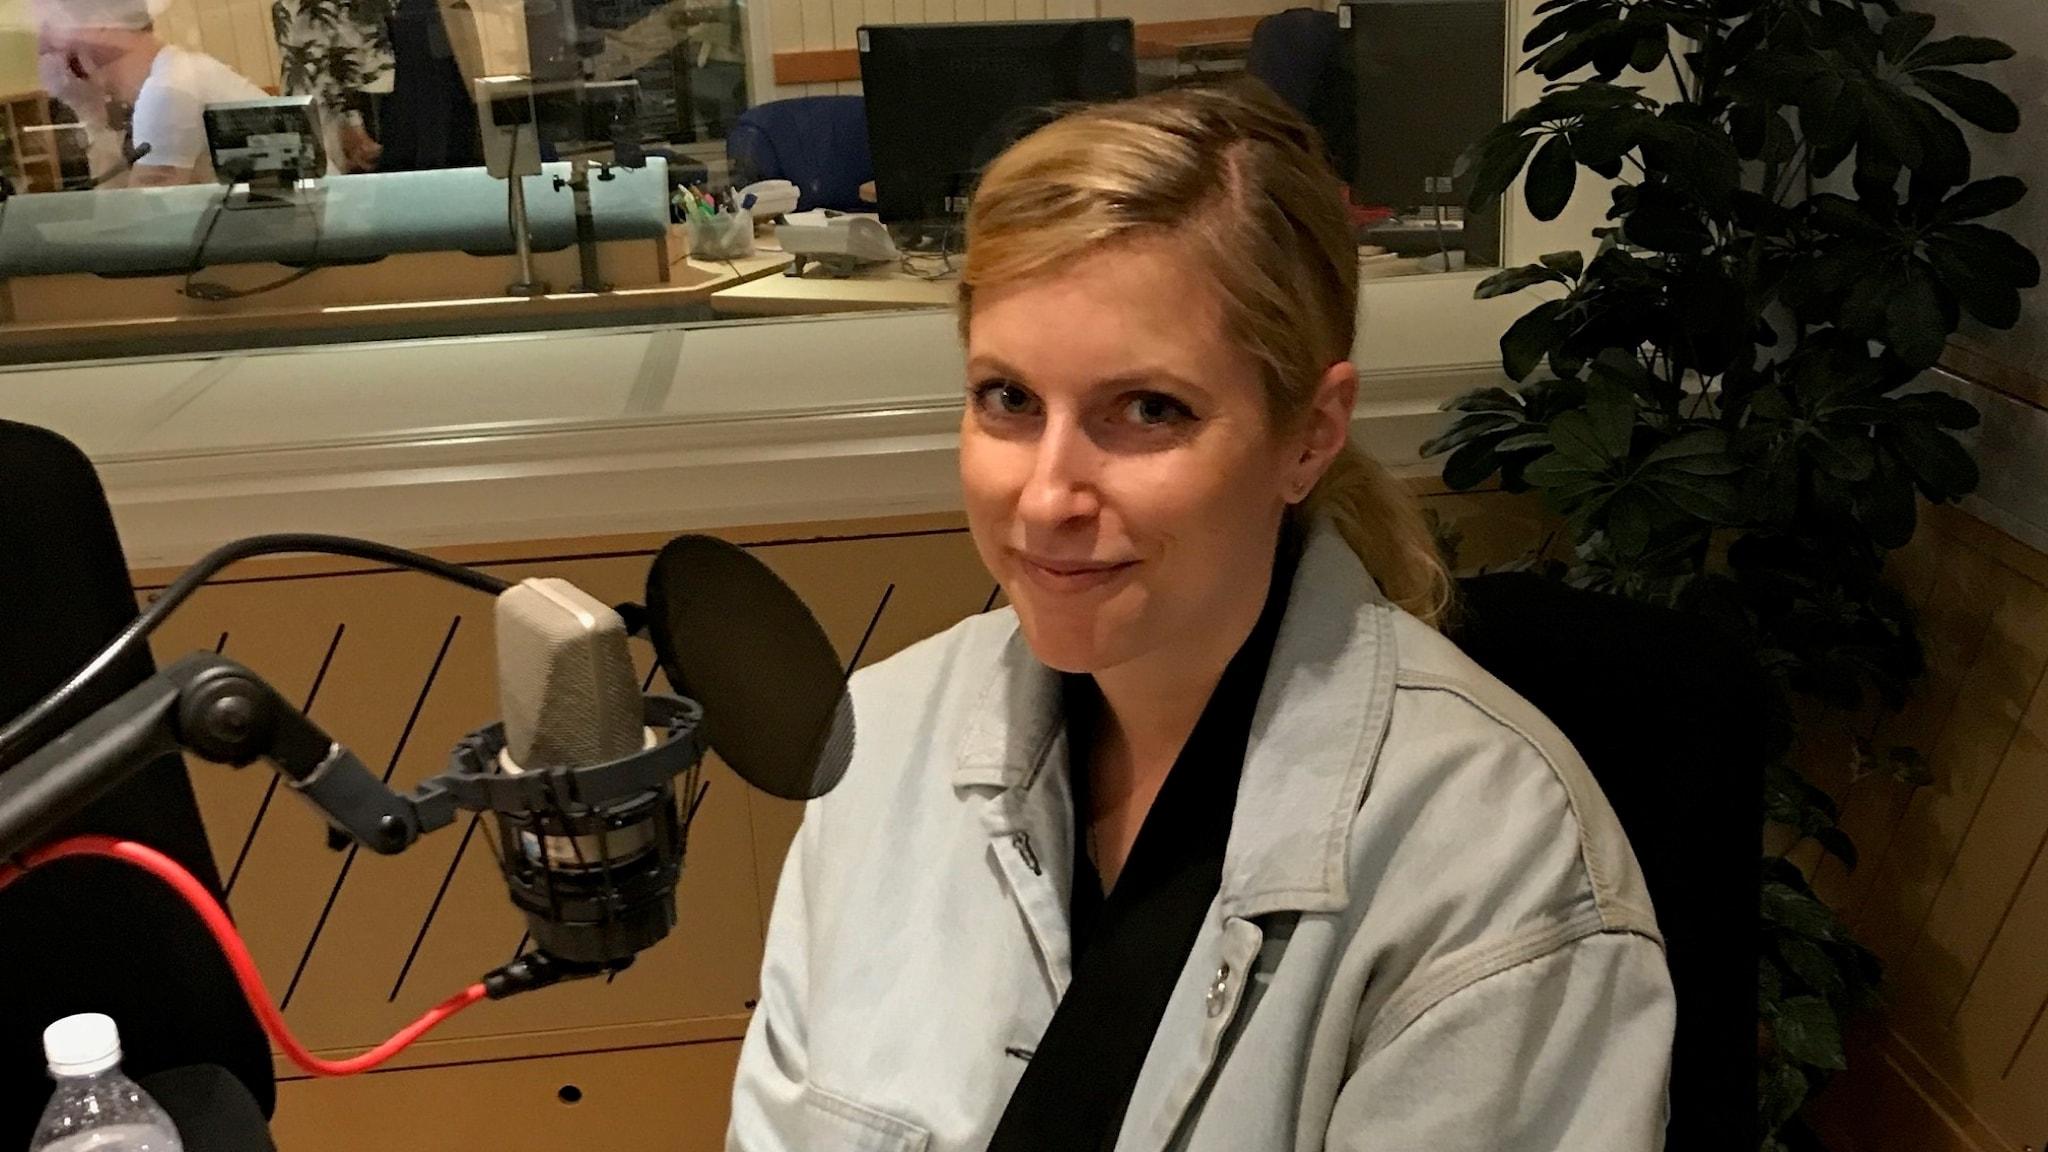 Norska Susanne Sundfør gästar Gradvall.